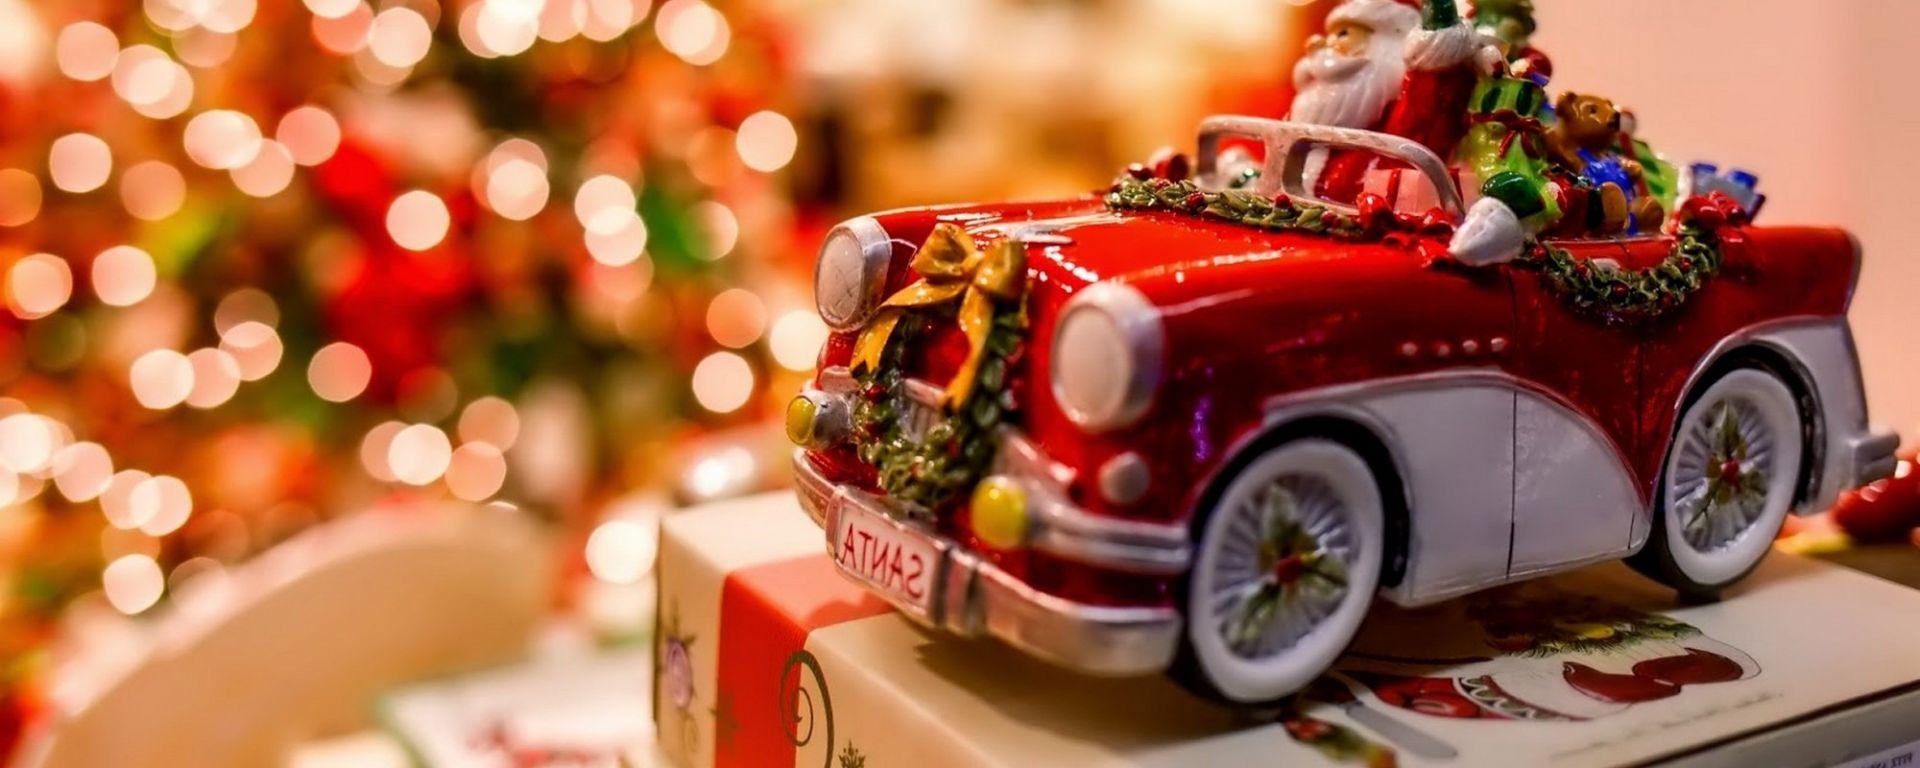 Natale 2018, idee regalo accessori auto e moto